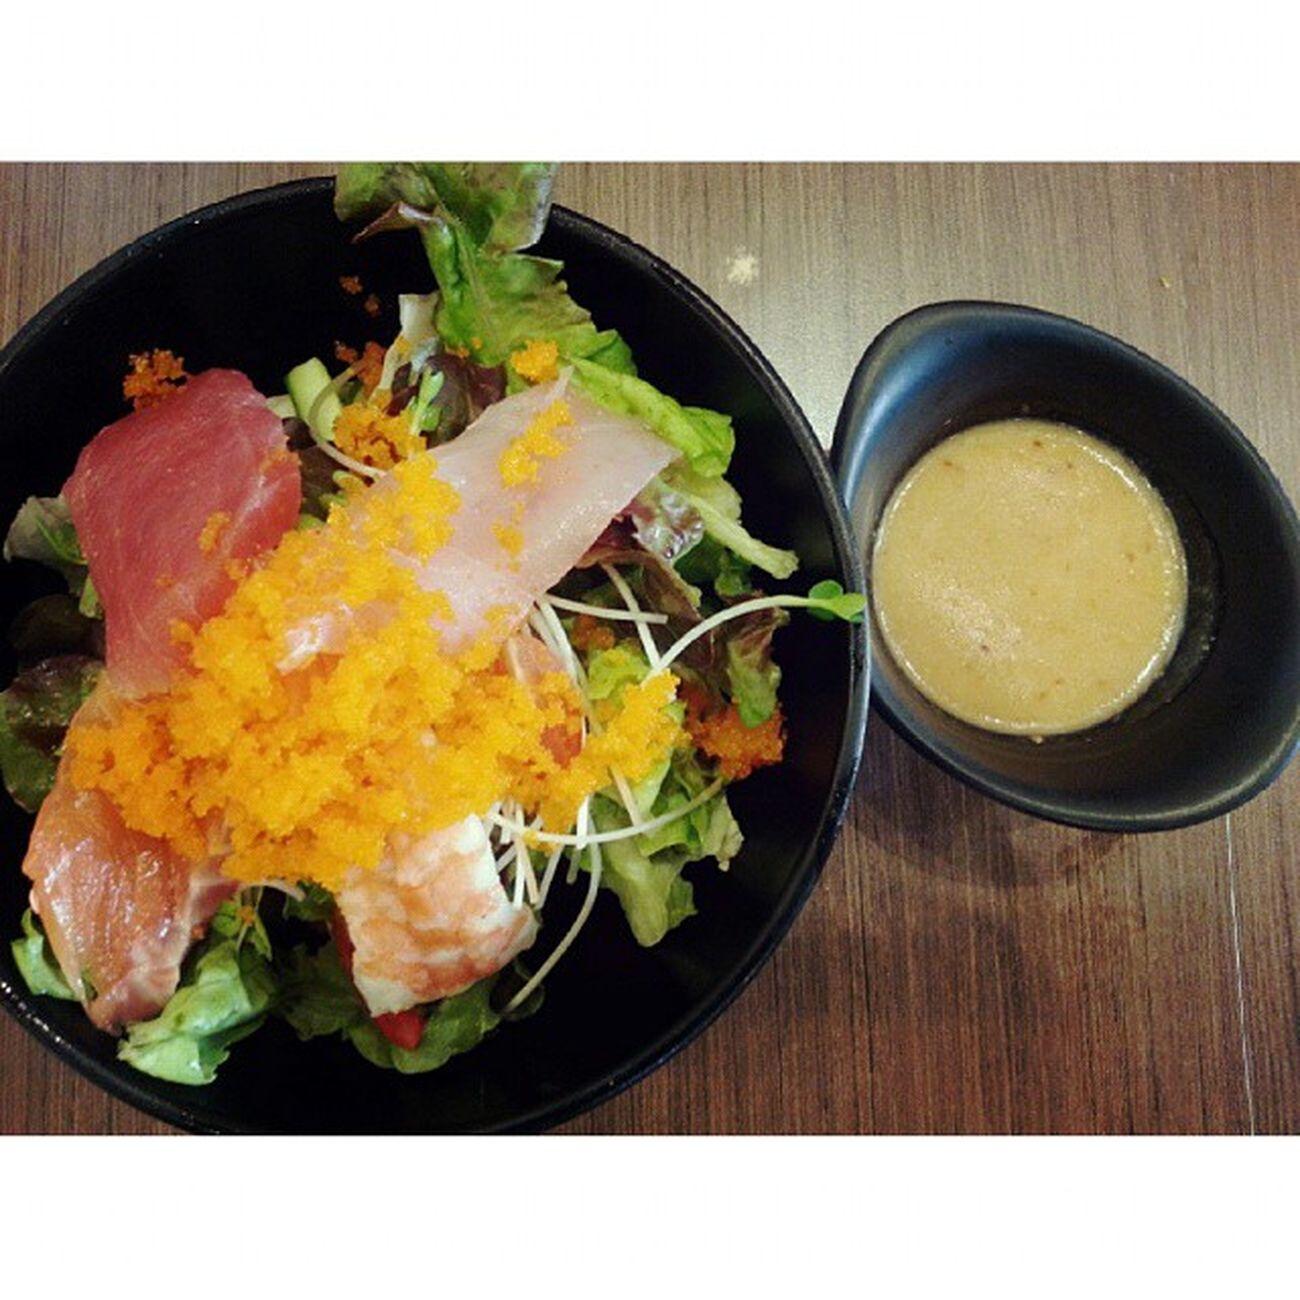 Mix Sashimi SaladSushioo Mercuryville Chitlom Japanesefood